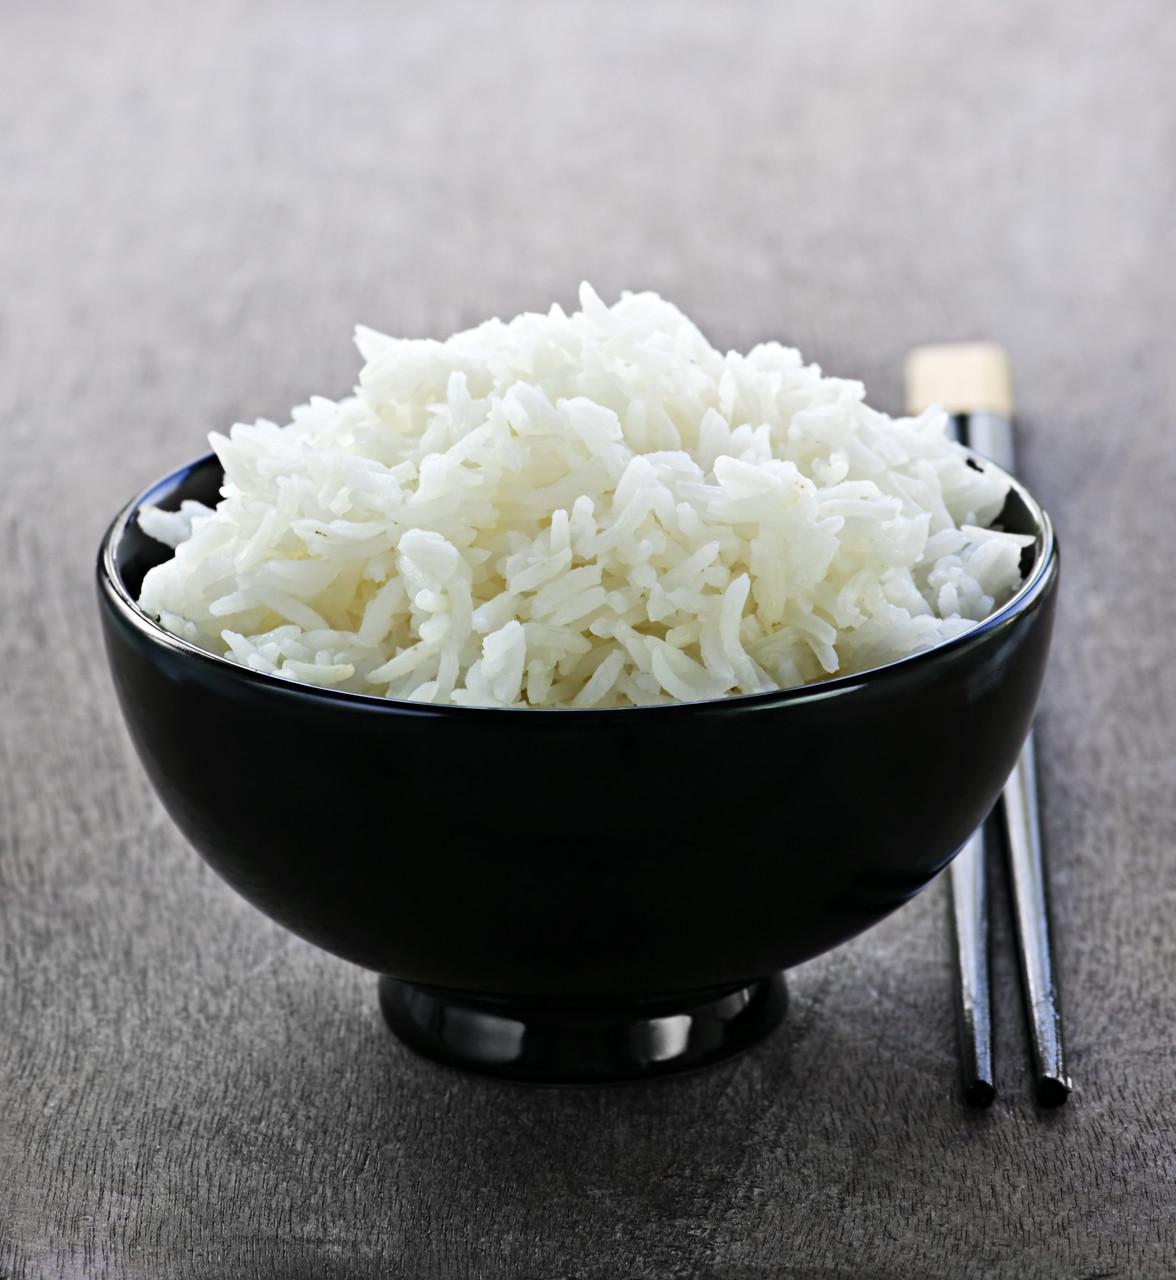 米饭和面条哪个容易胖?非米饭莫属